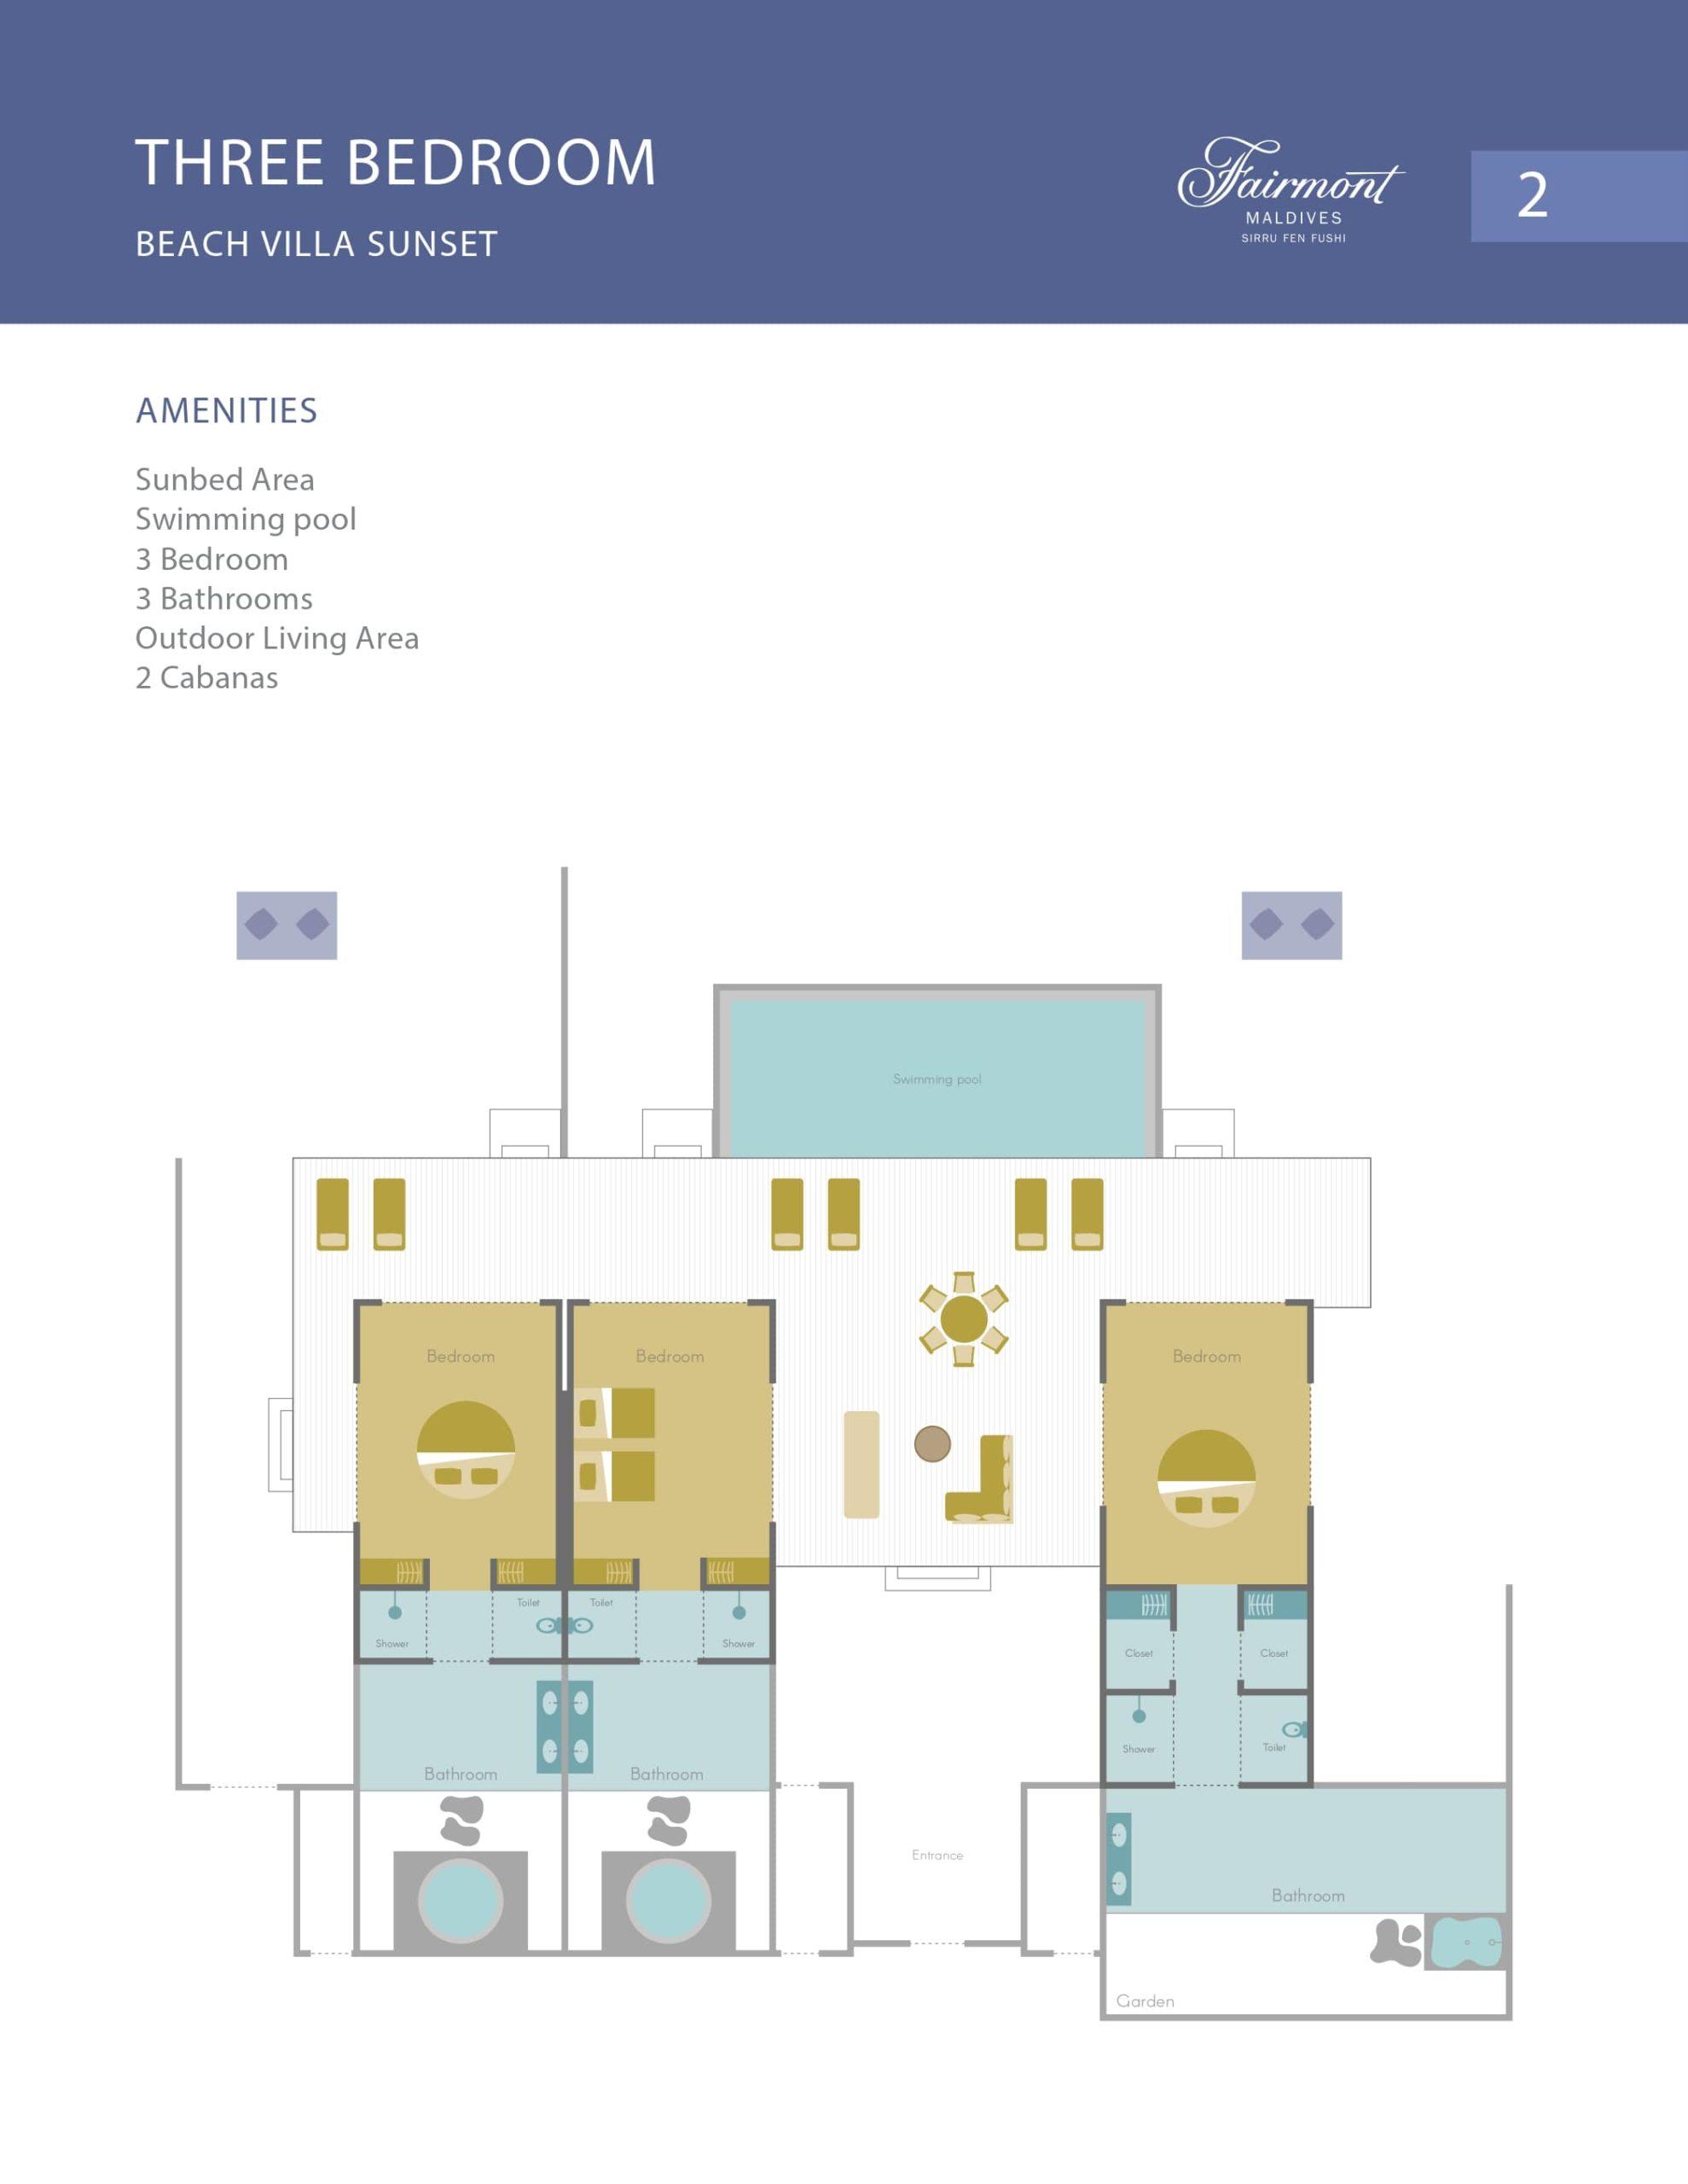 Мальдивы, отель Fairmont Maldives Sirru Fen Fushi, план-схема номера Three Bedroom Beach Sunset Villa